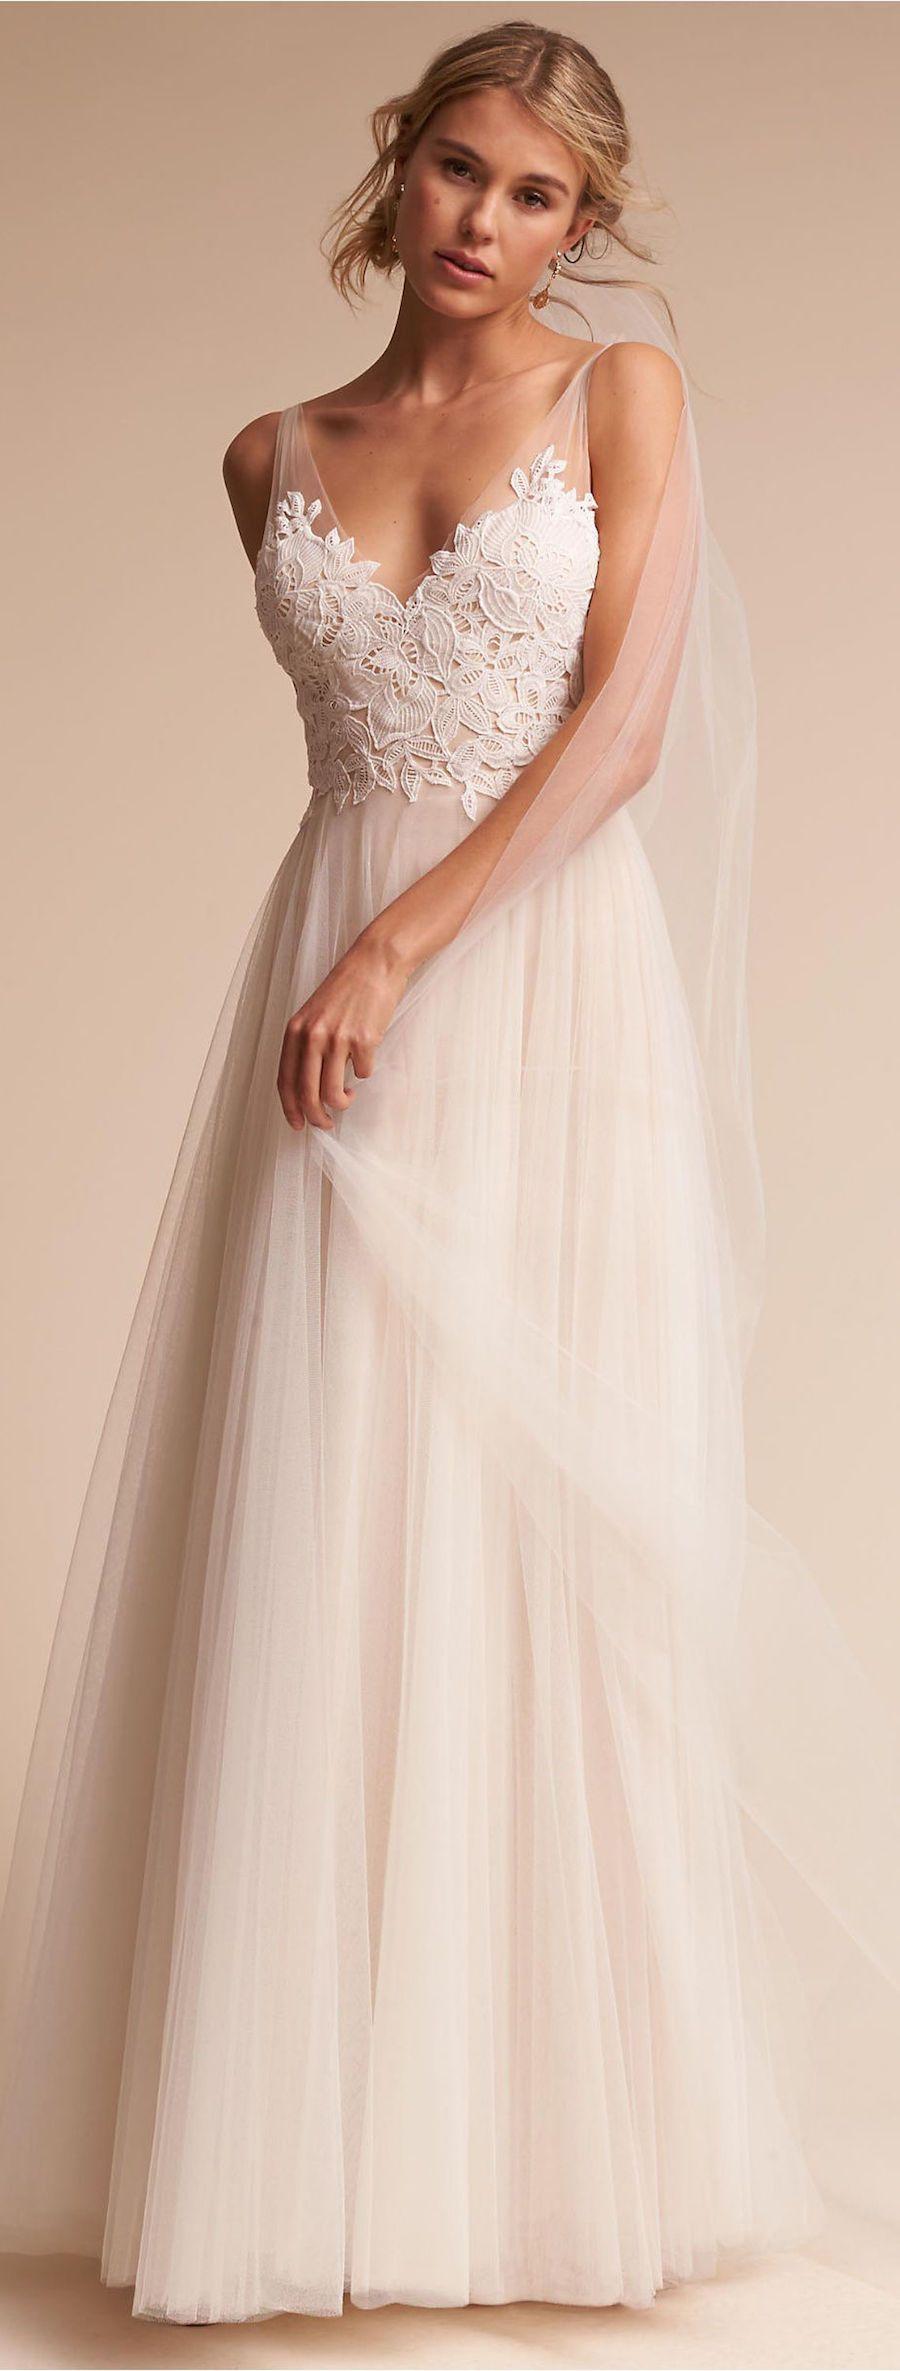 weddingdress #wedding #hochzeitskleid #inspiration #kleid Das ...